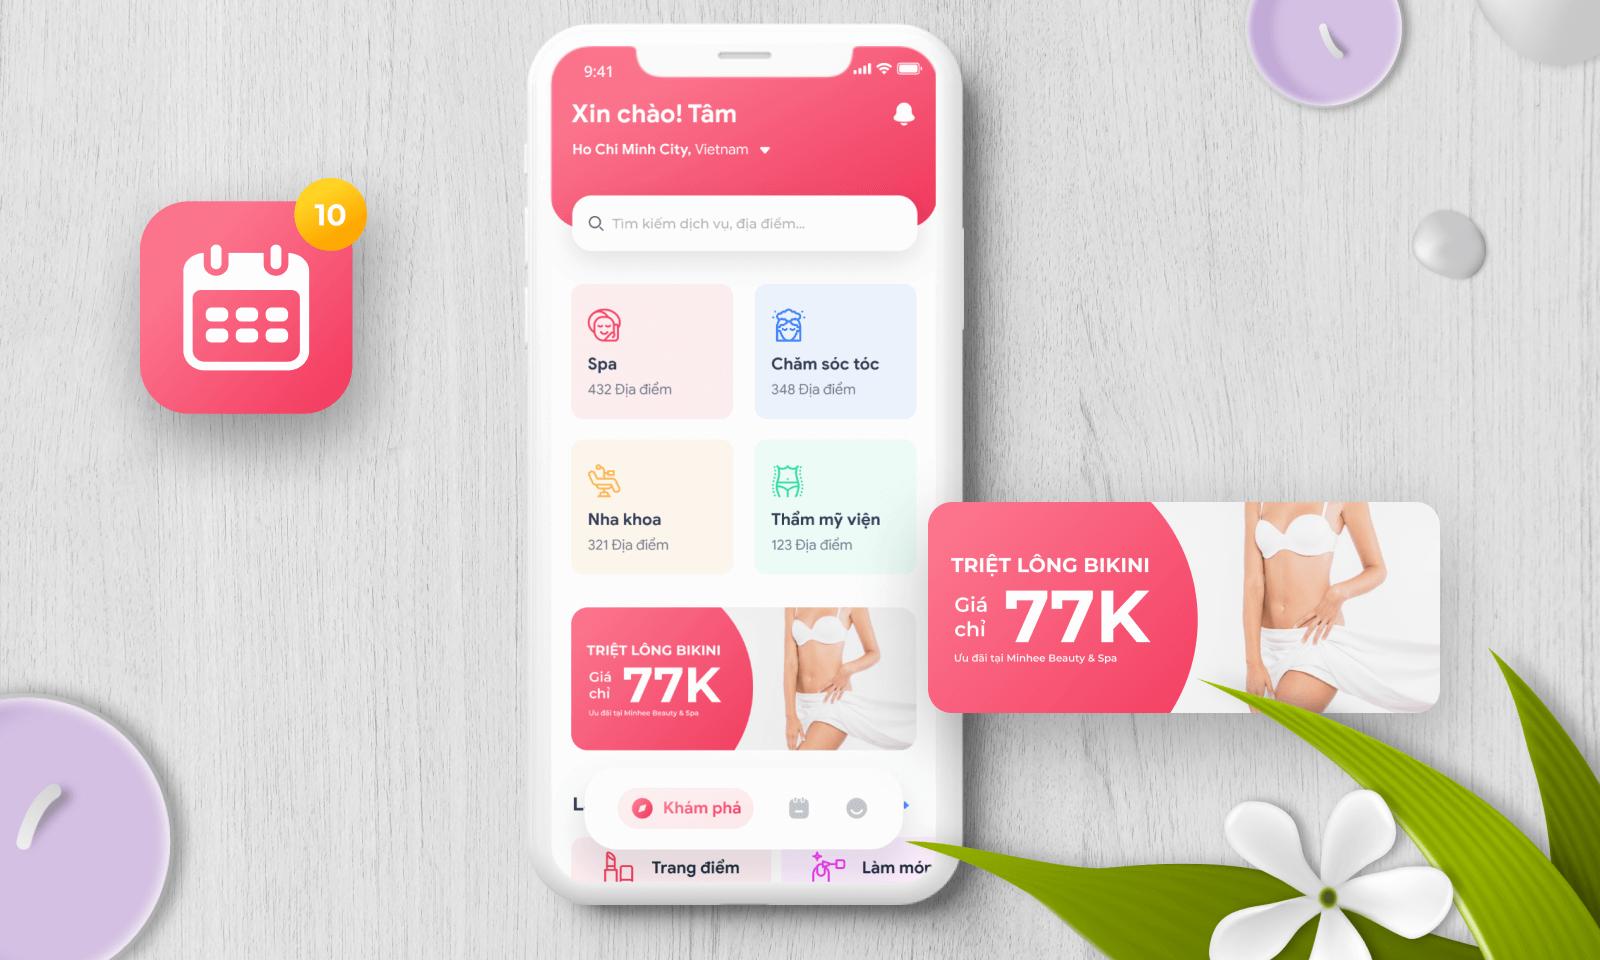 Chọn giao diện App Spa dành cho khách hàng như thế nào ?